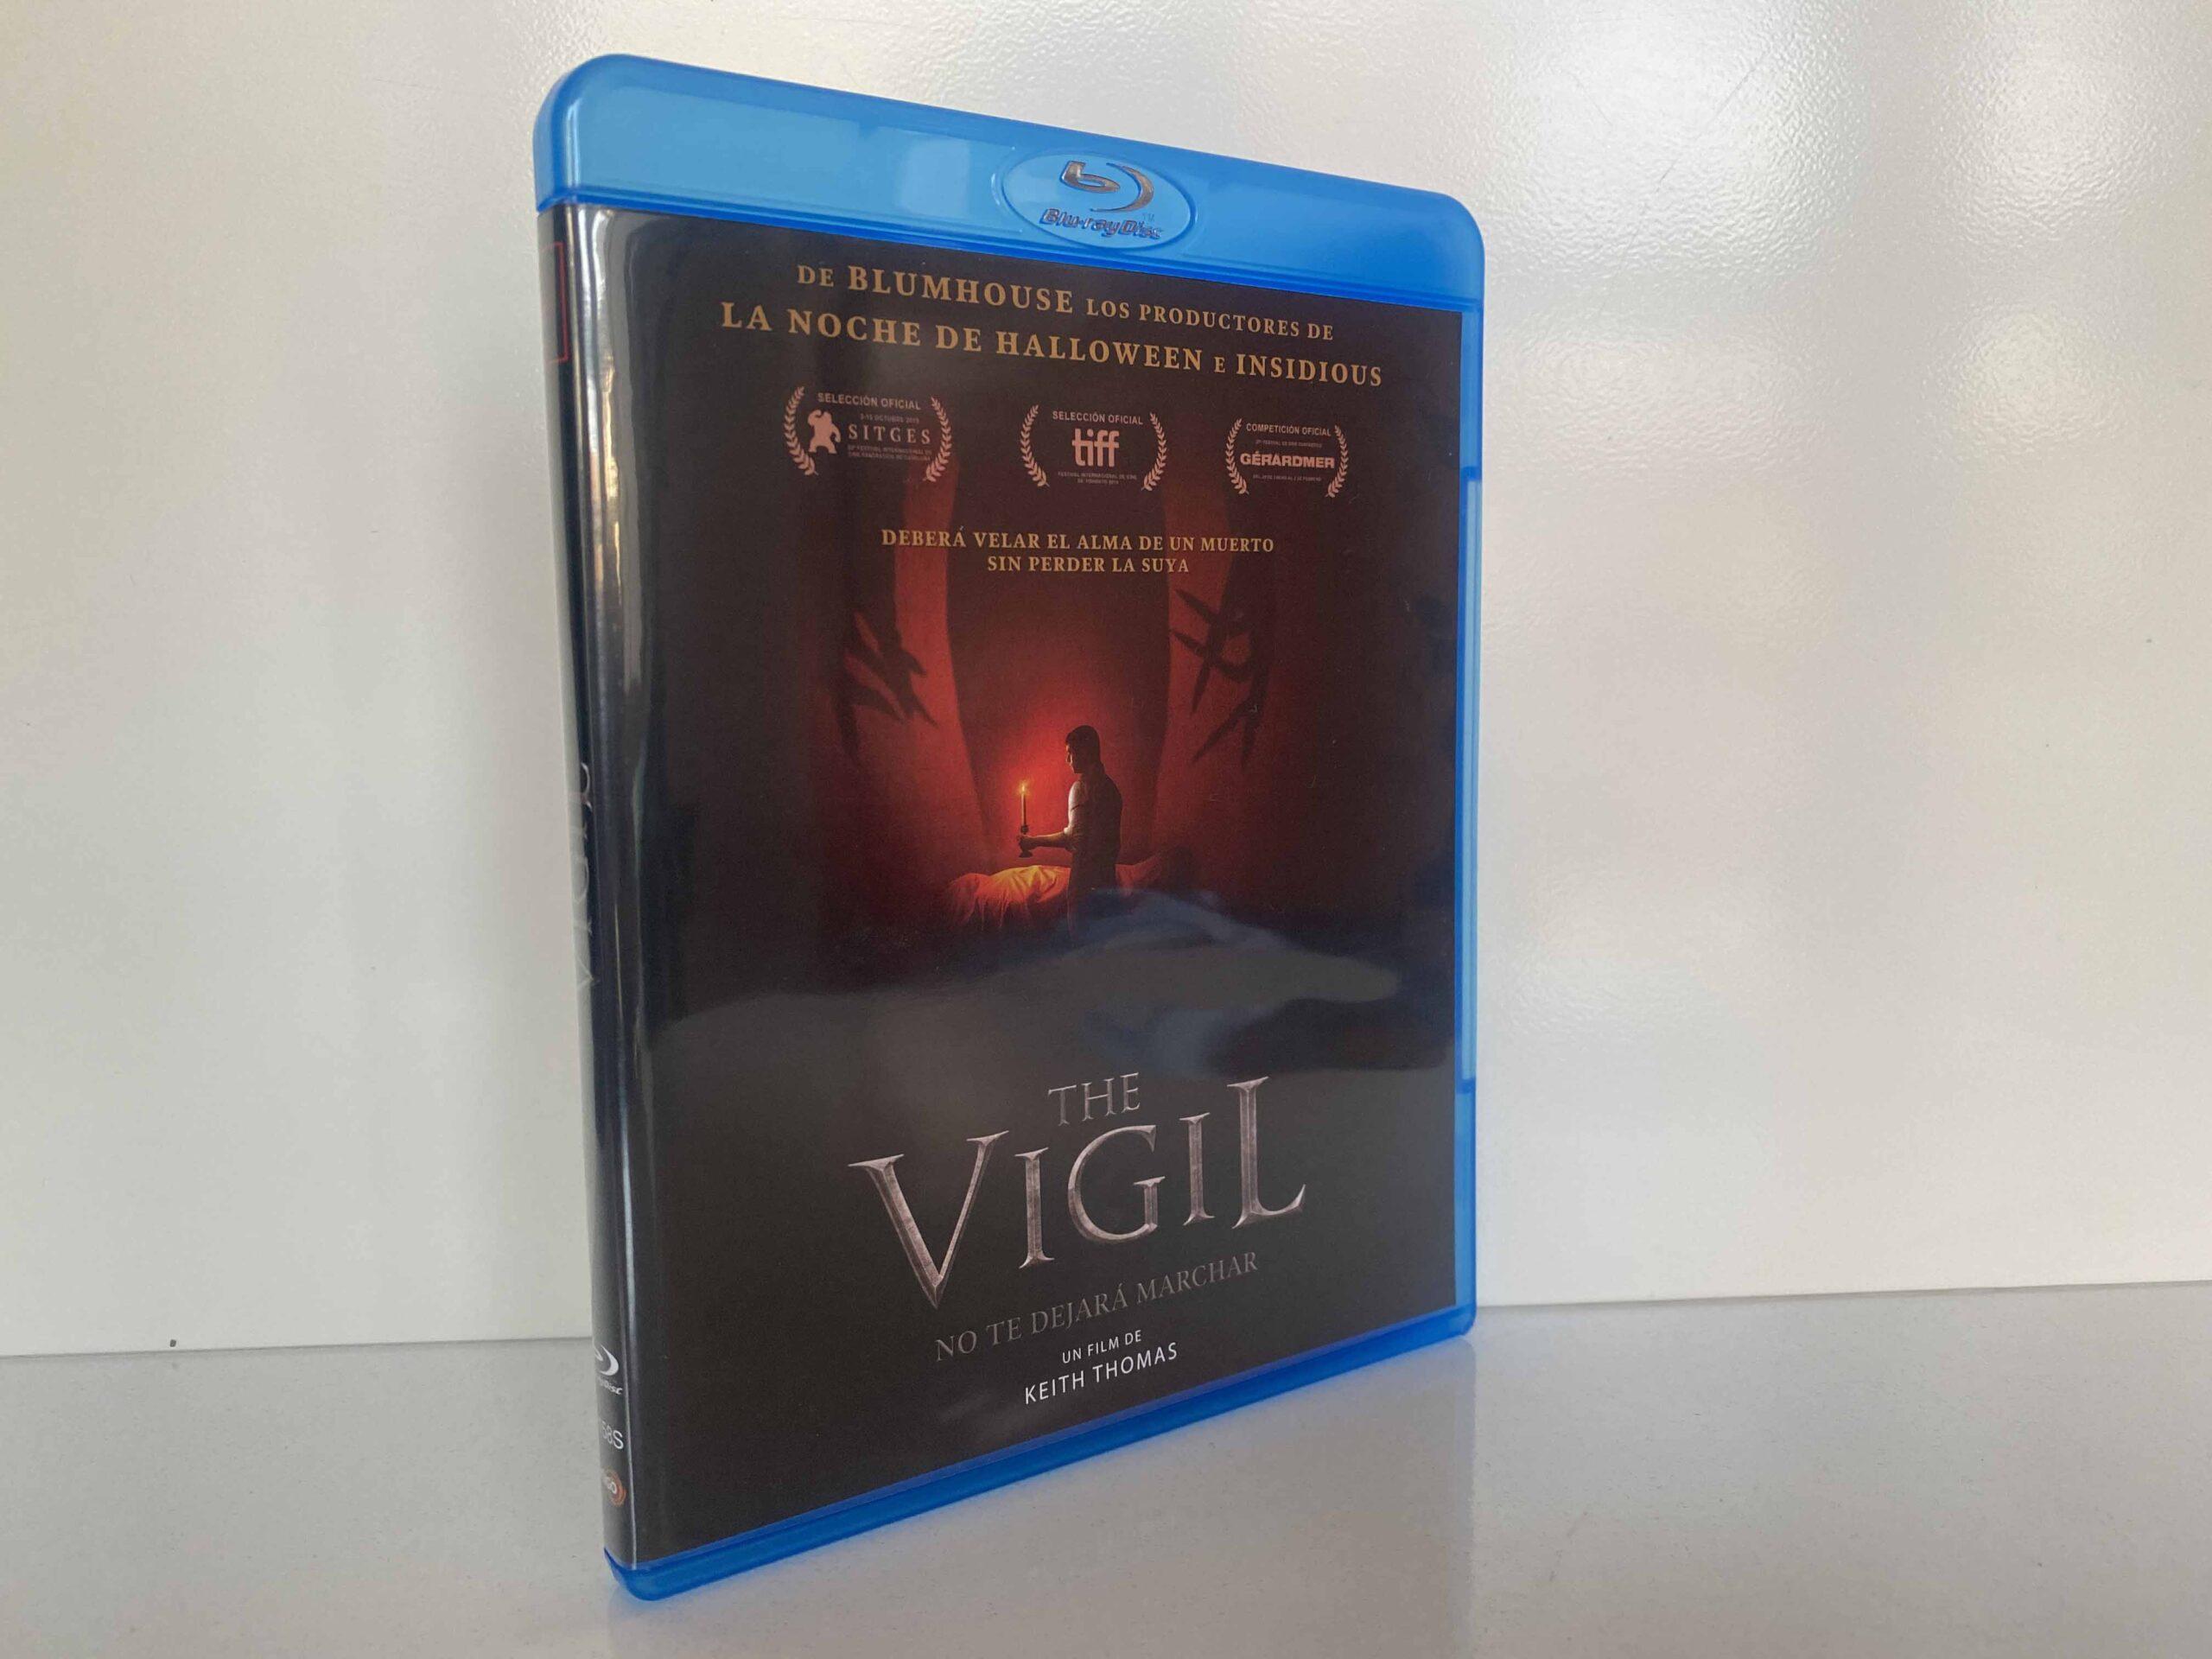 The Vigil. Análisis de su versión española en Blu-ray